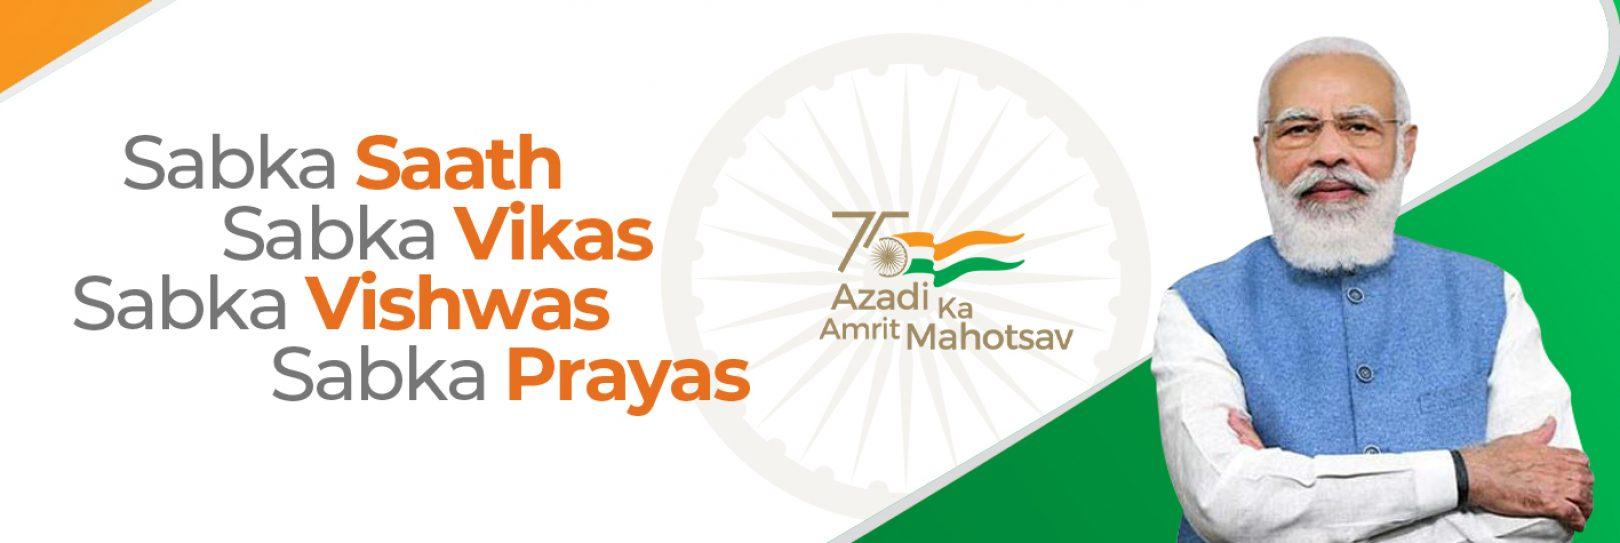 Azadi Ka Amrith Mahotsav